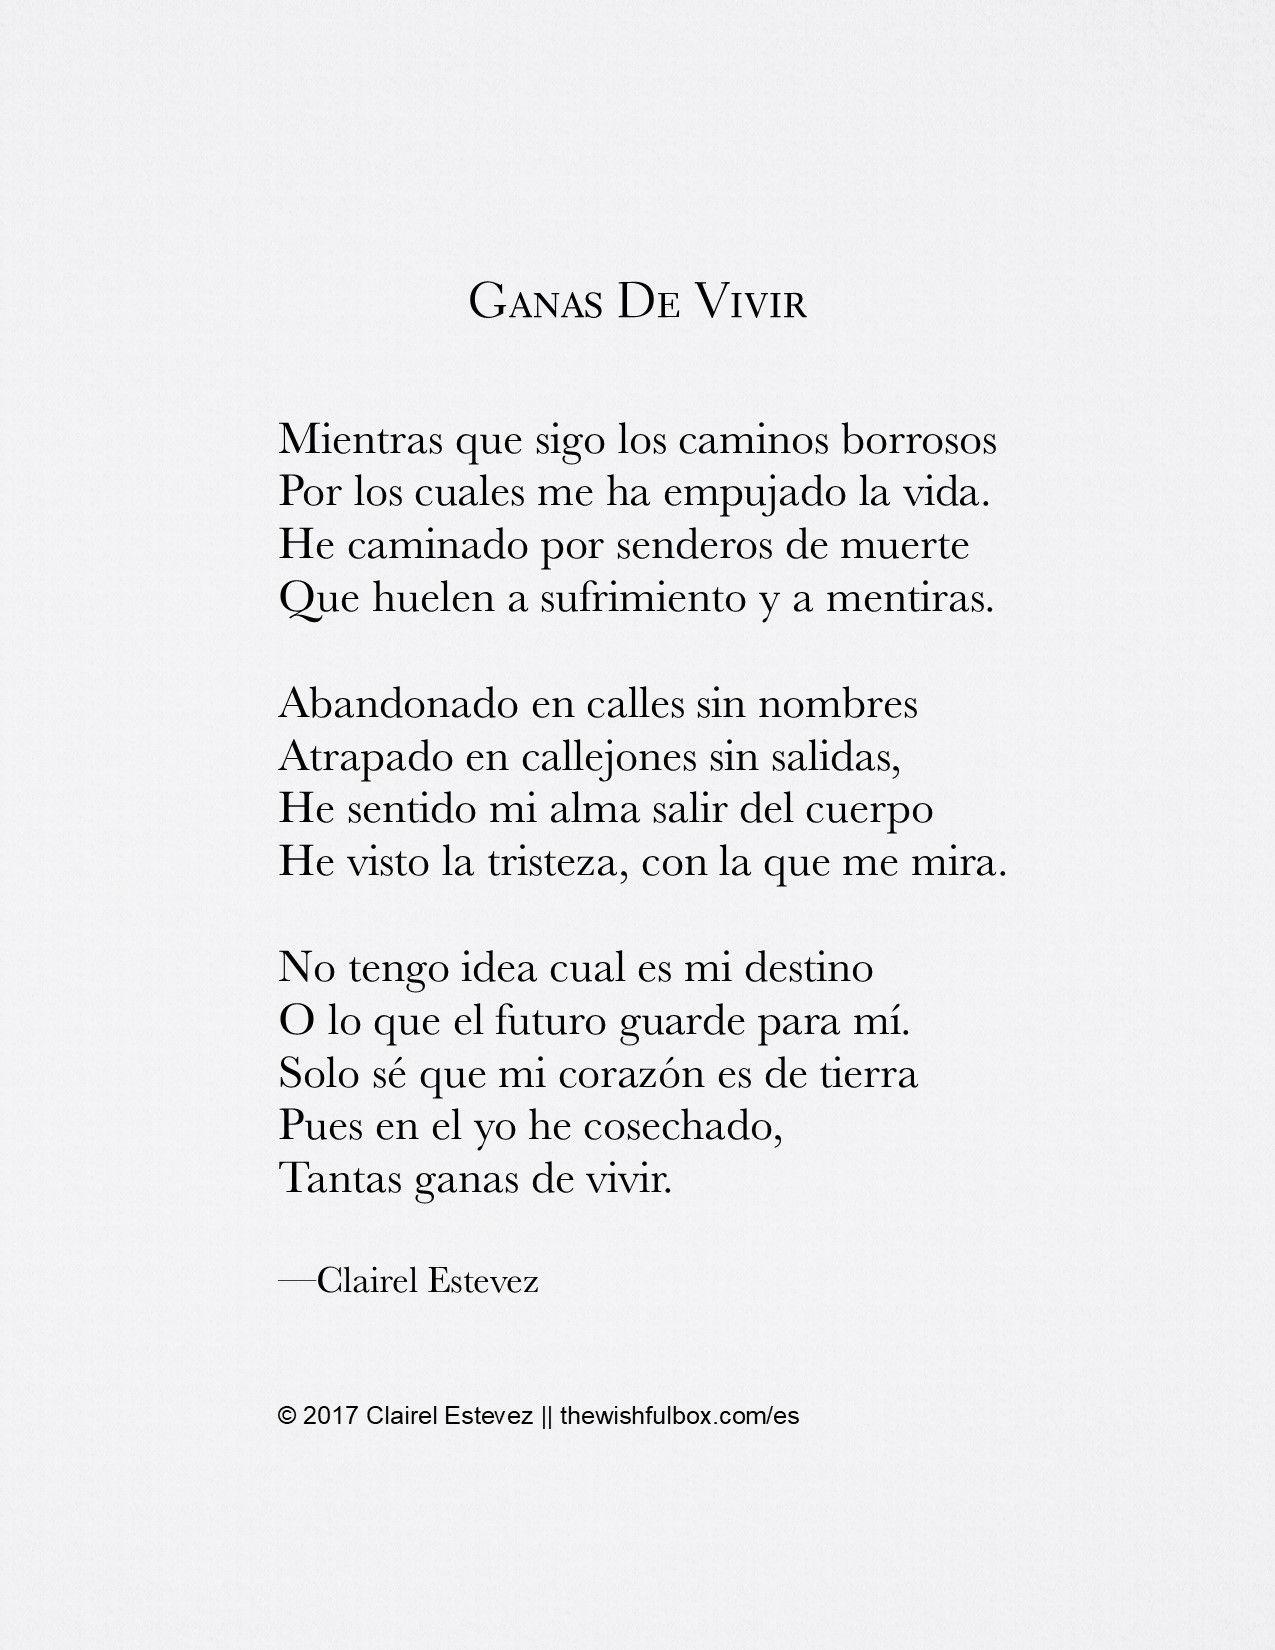 Ganas De Vivir escrito por Poeta/Escritora Clairel Estevez